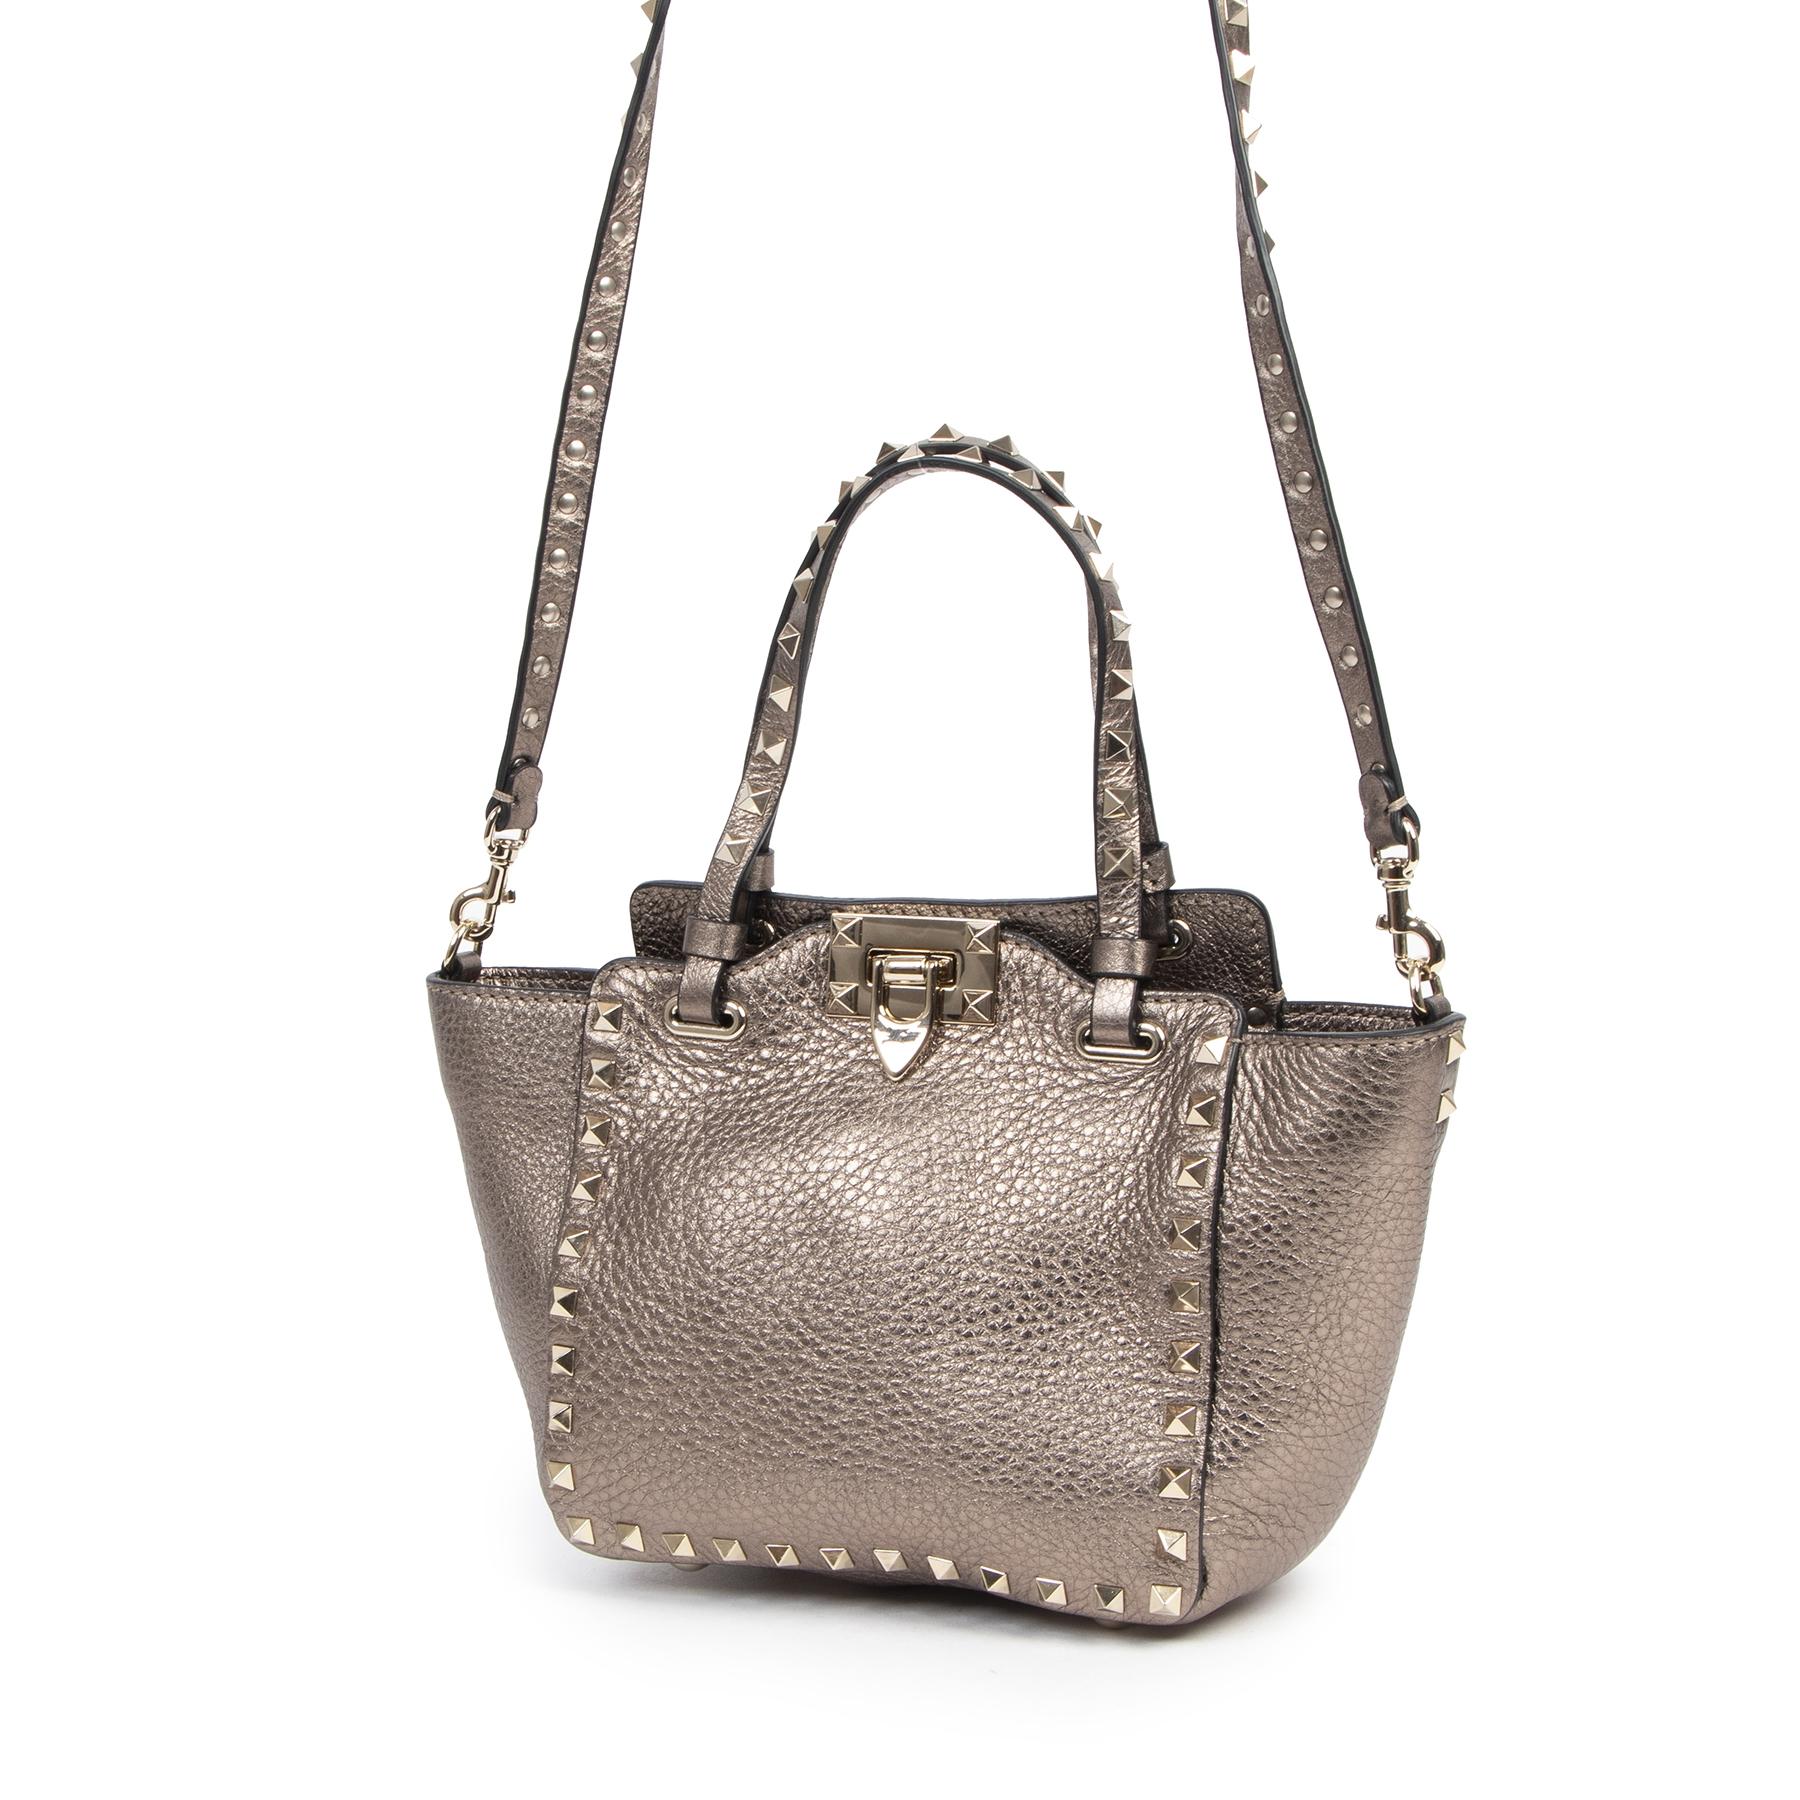 Valentino Mini Rockstud Tote Bag te koop bij Labellov tweedehands luxe in Antwerpen